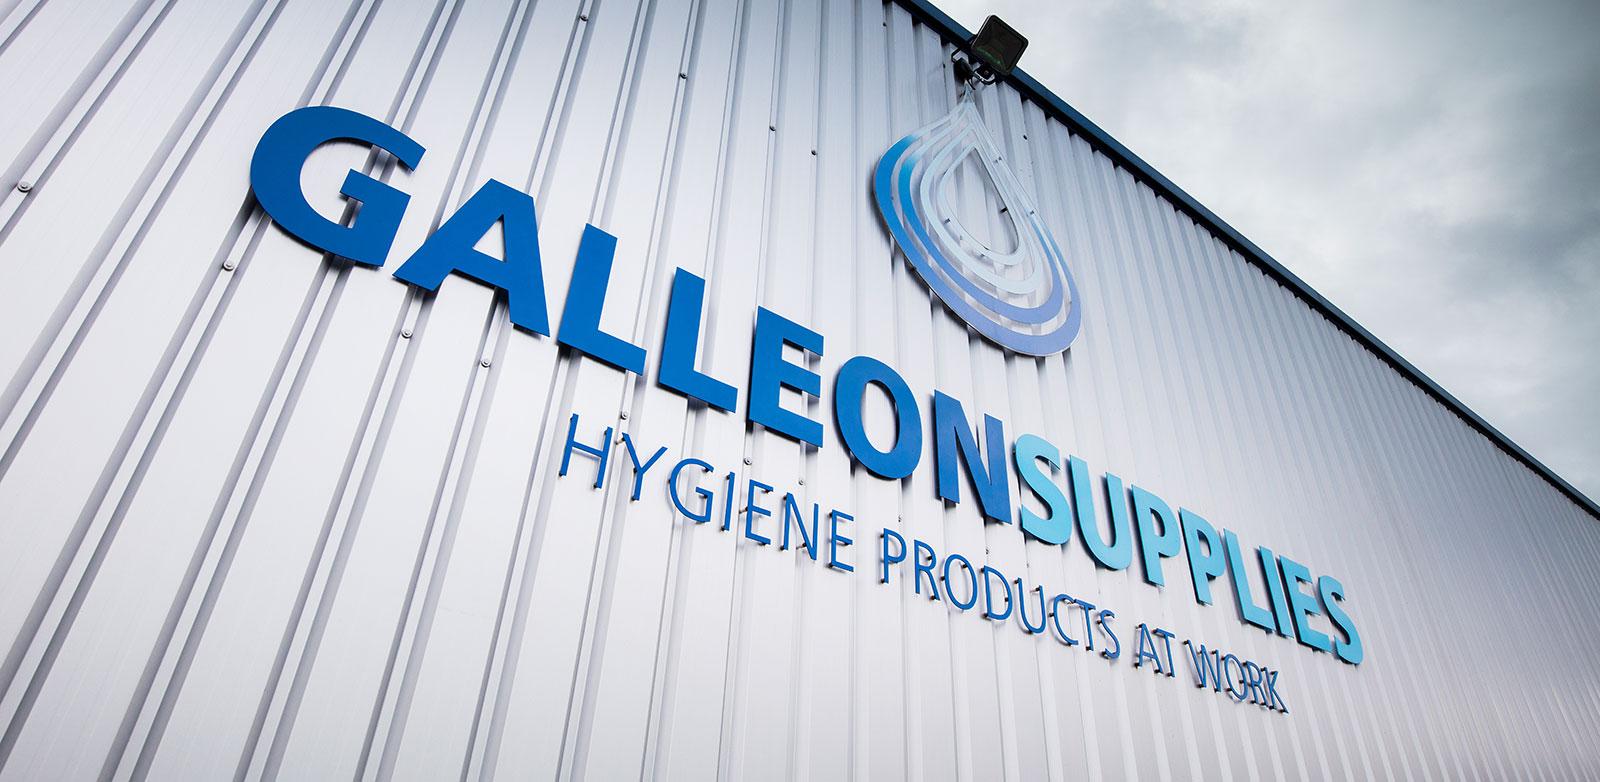 Galleon-Supplies-11.jpg